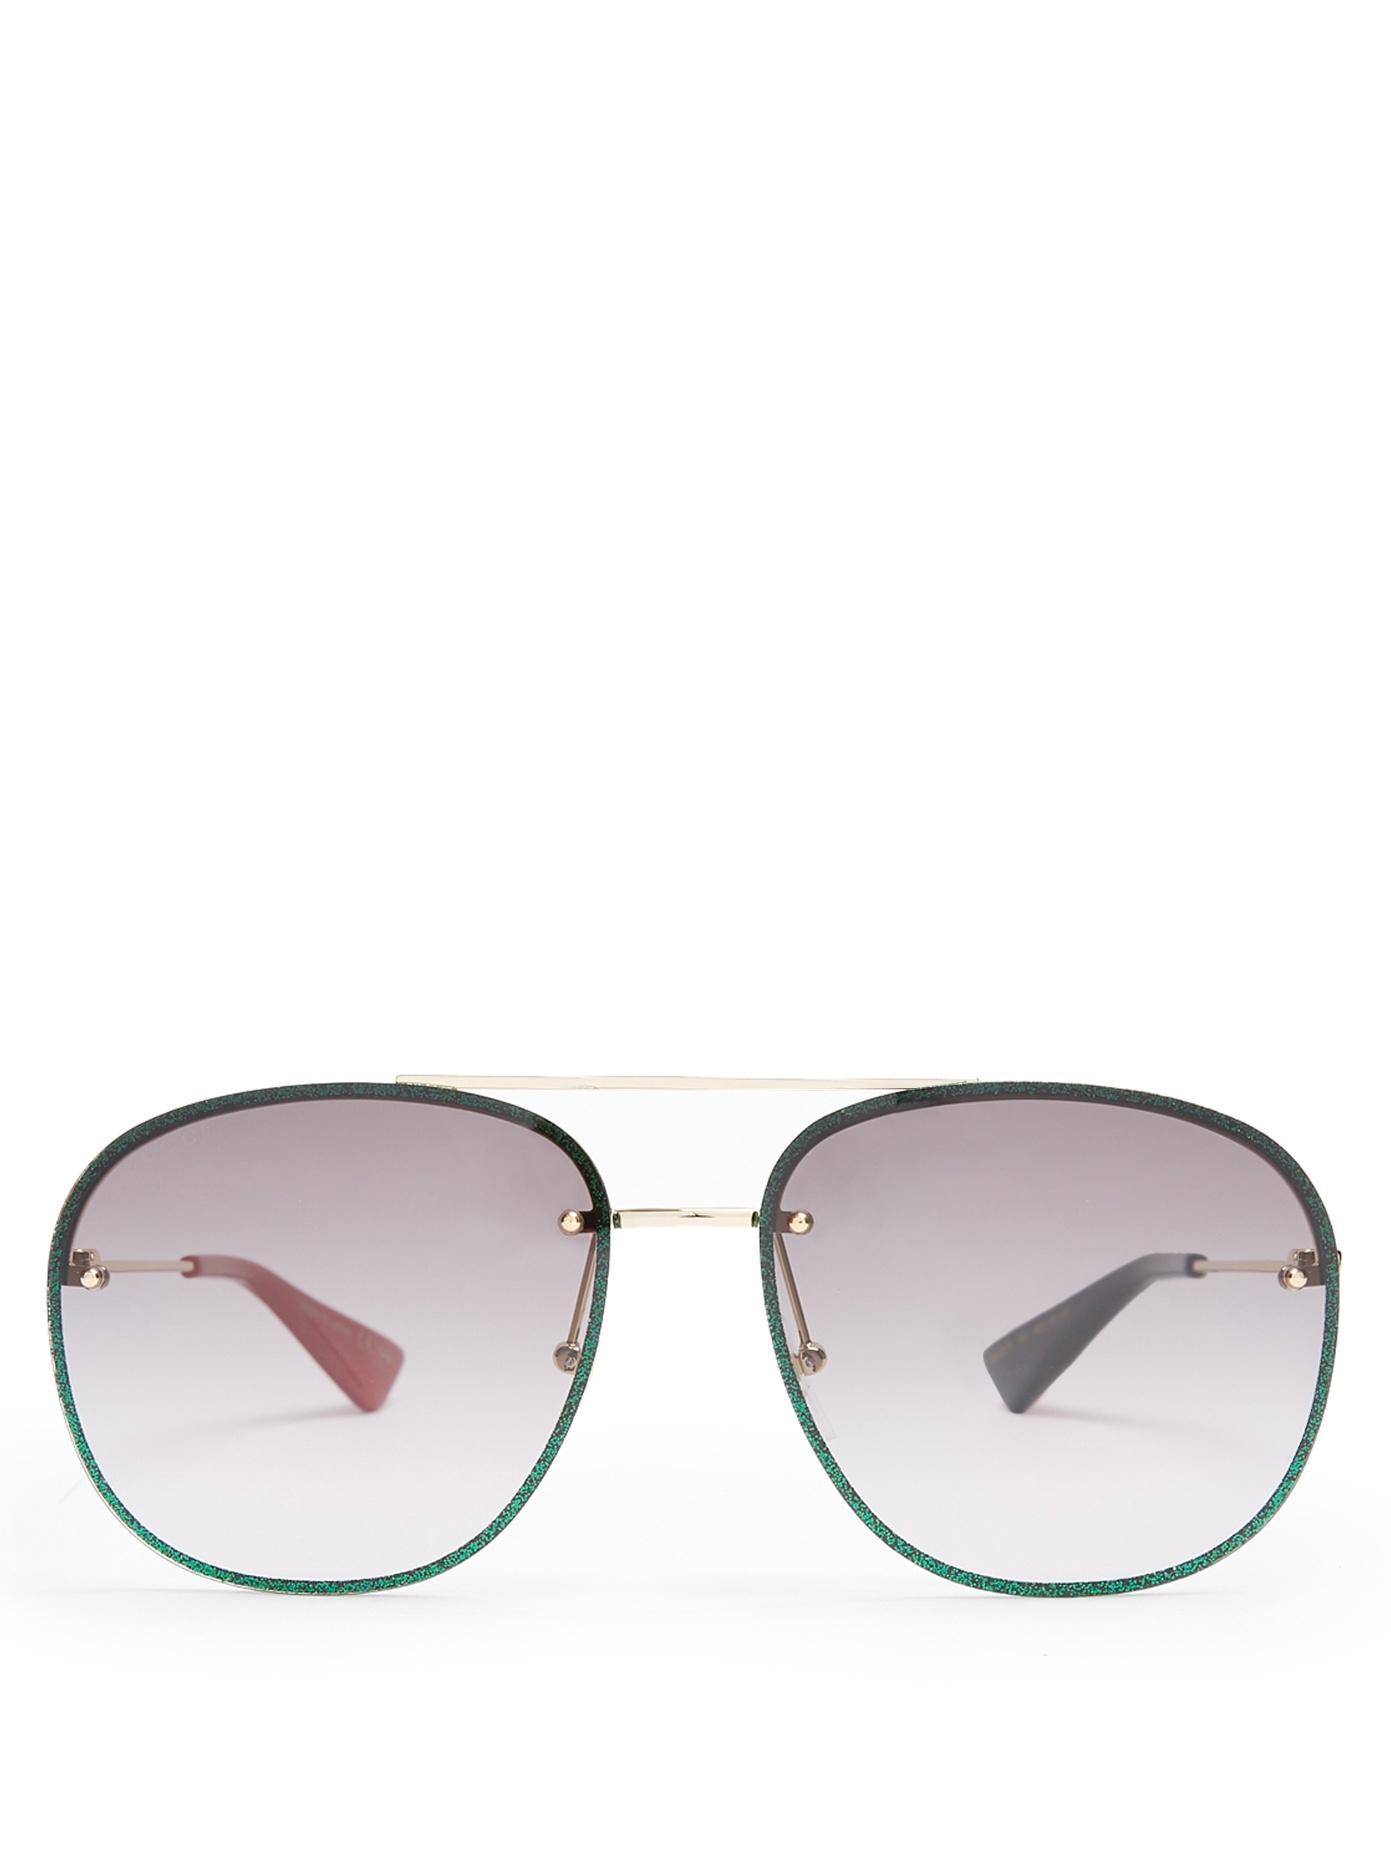 e6c07ea359a2d Gucci Glitter Aviator Sunglasses In Grey Multi